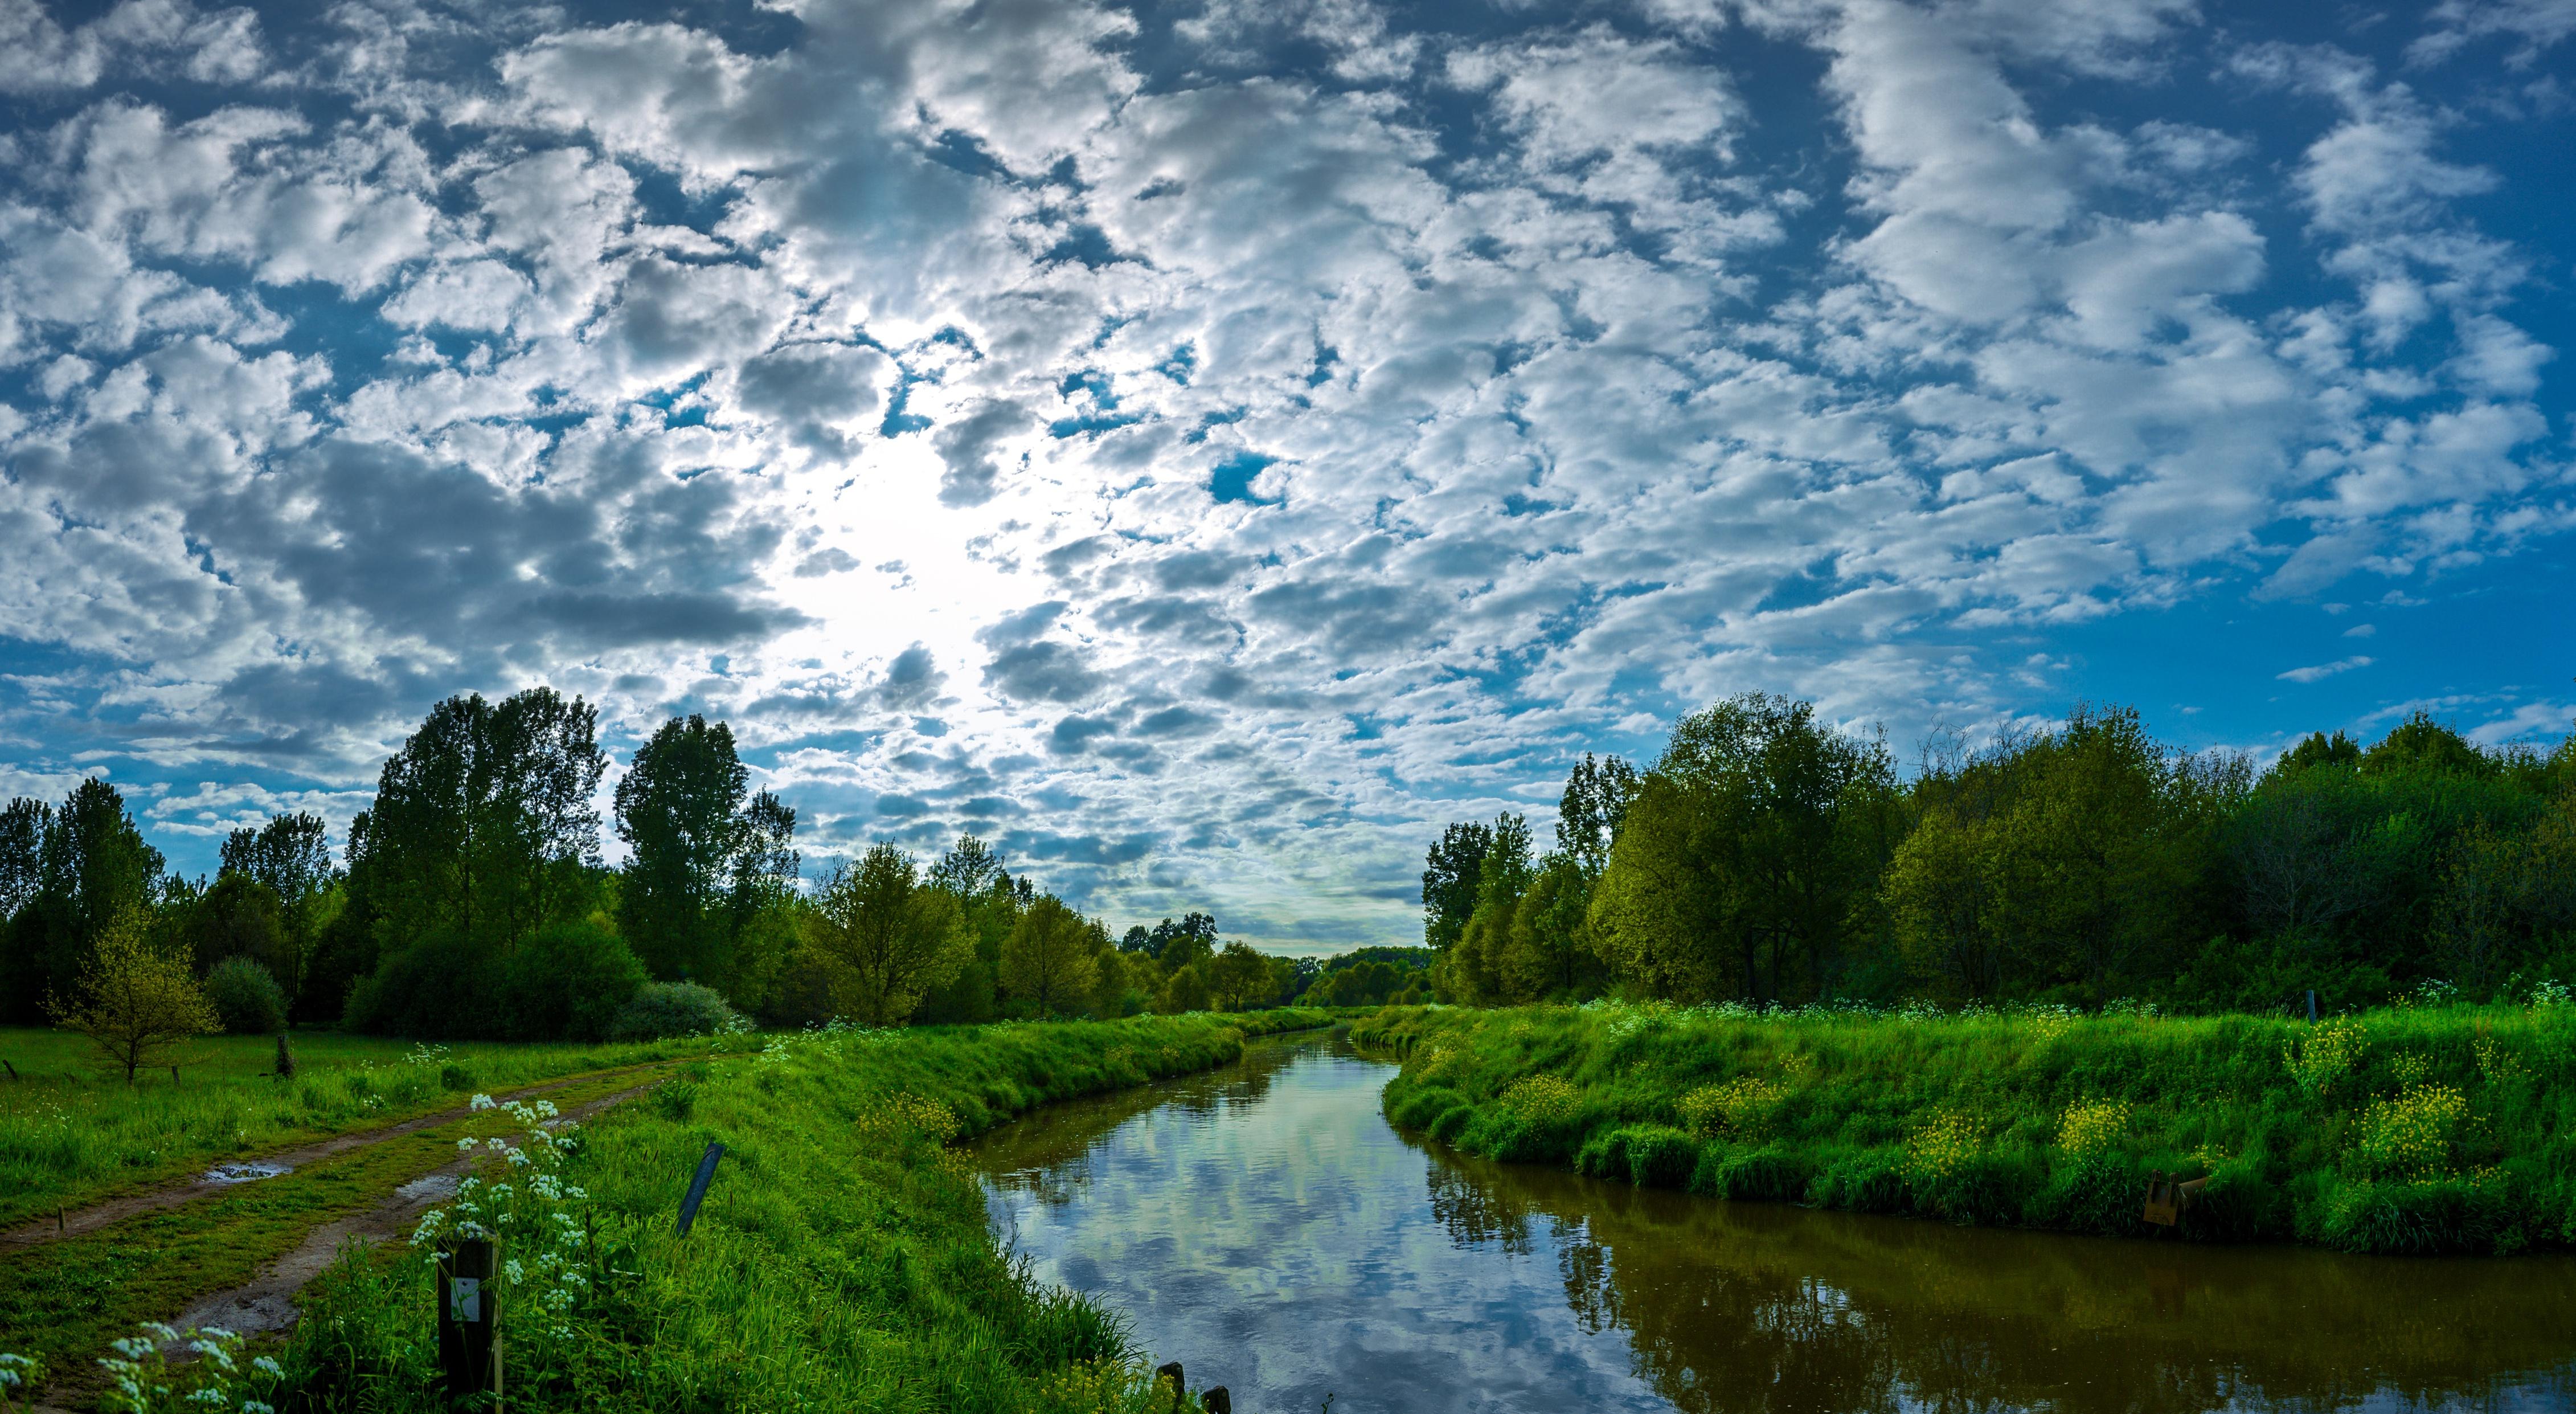 природа река деревья облака небо  № 316620 бесплатно